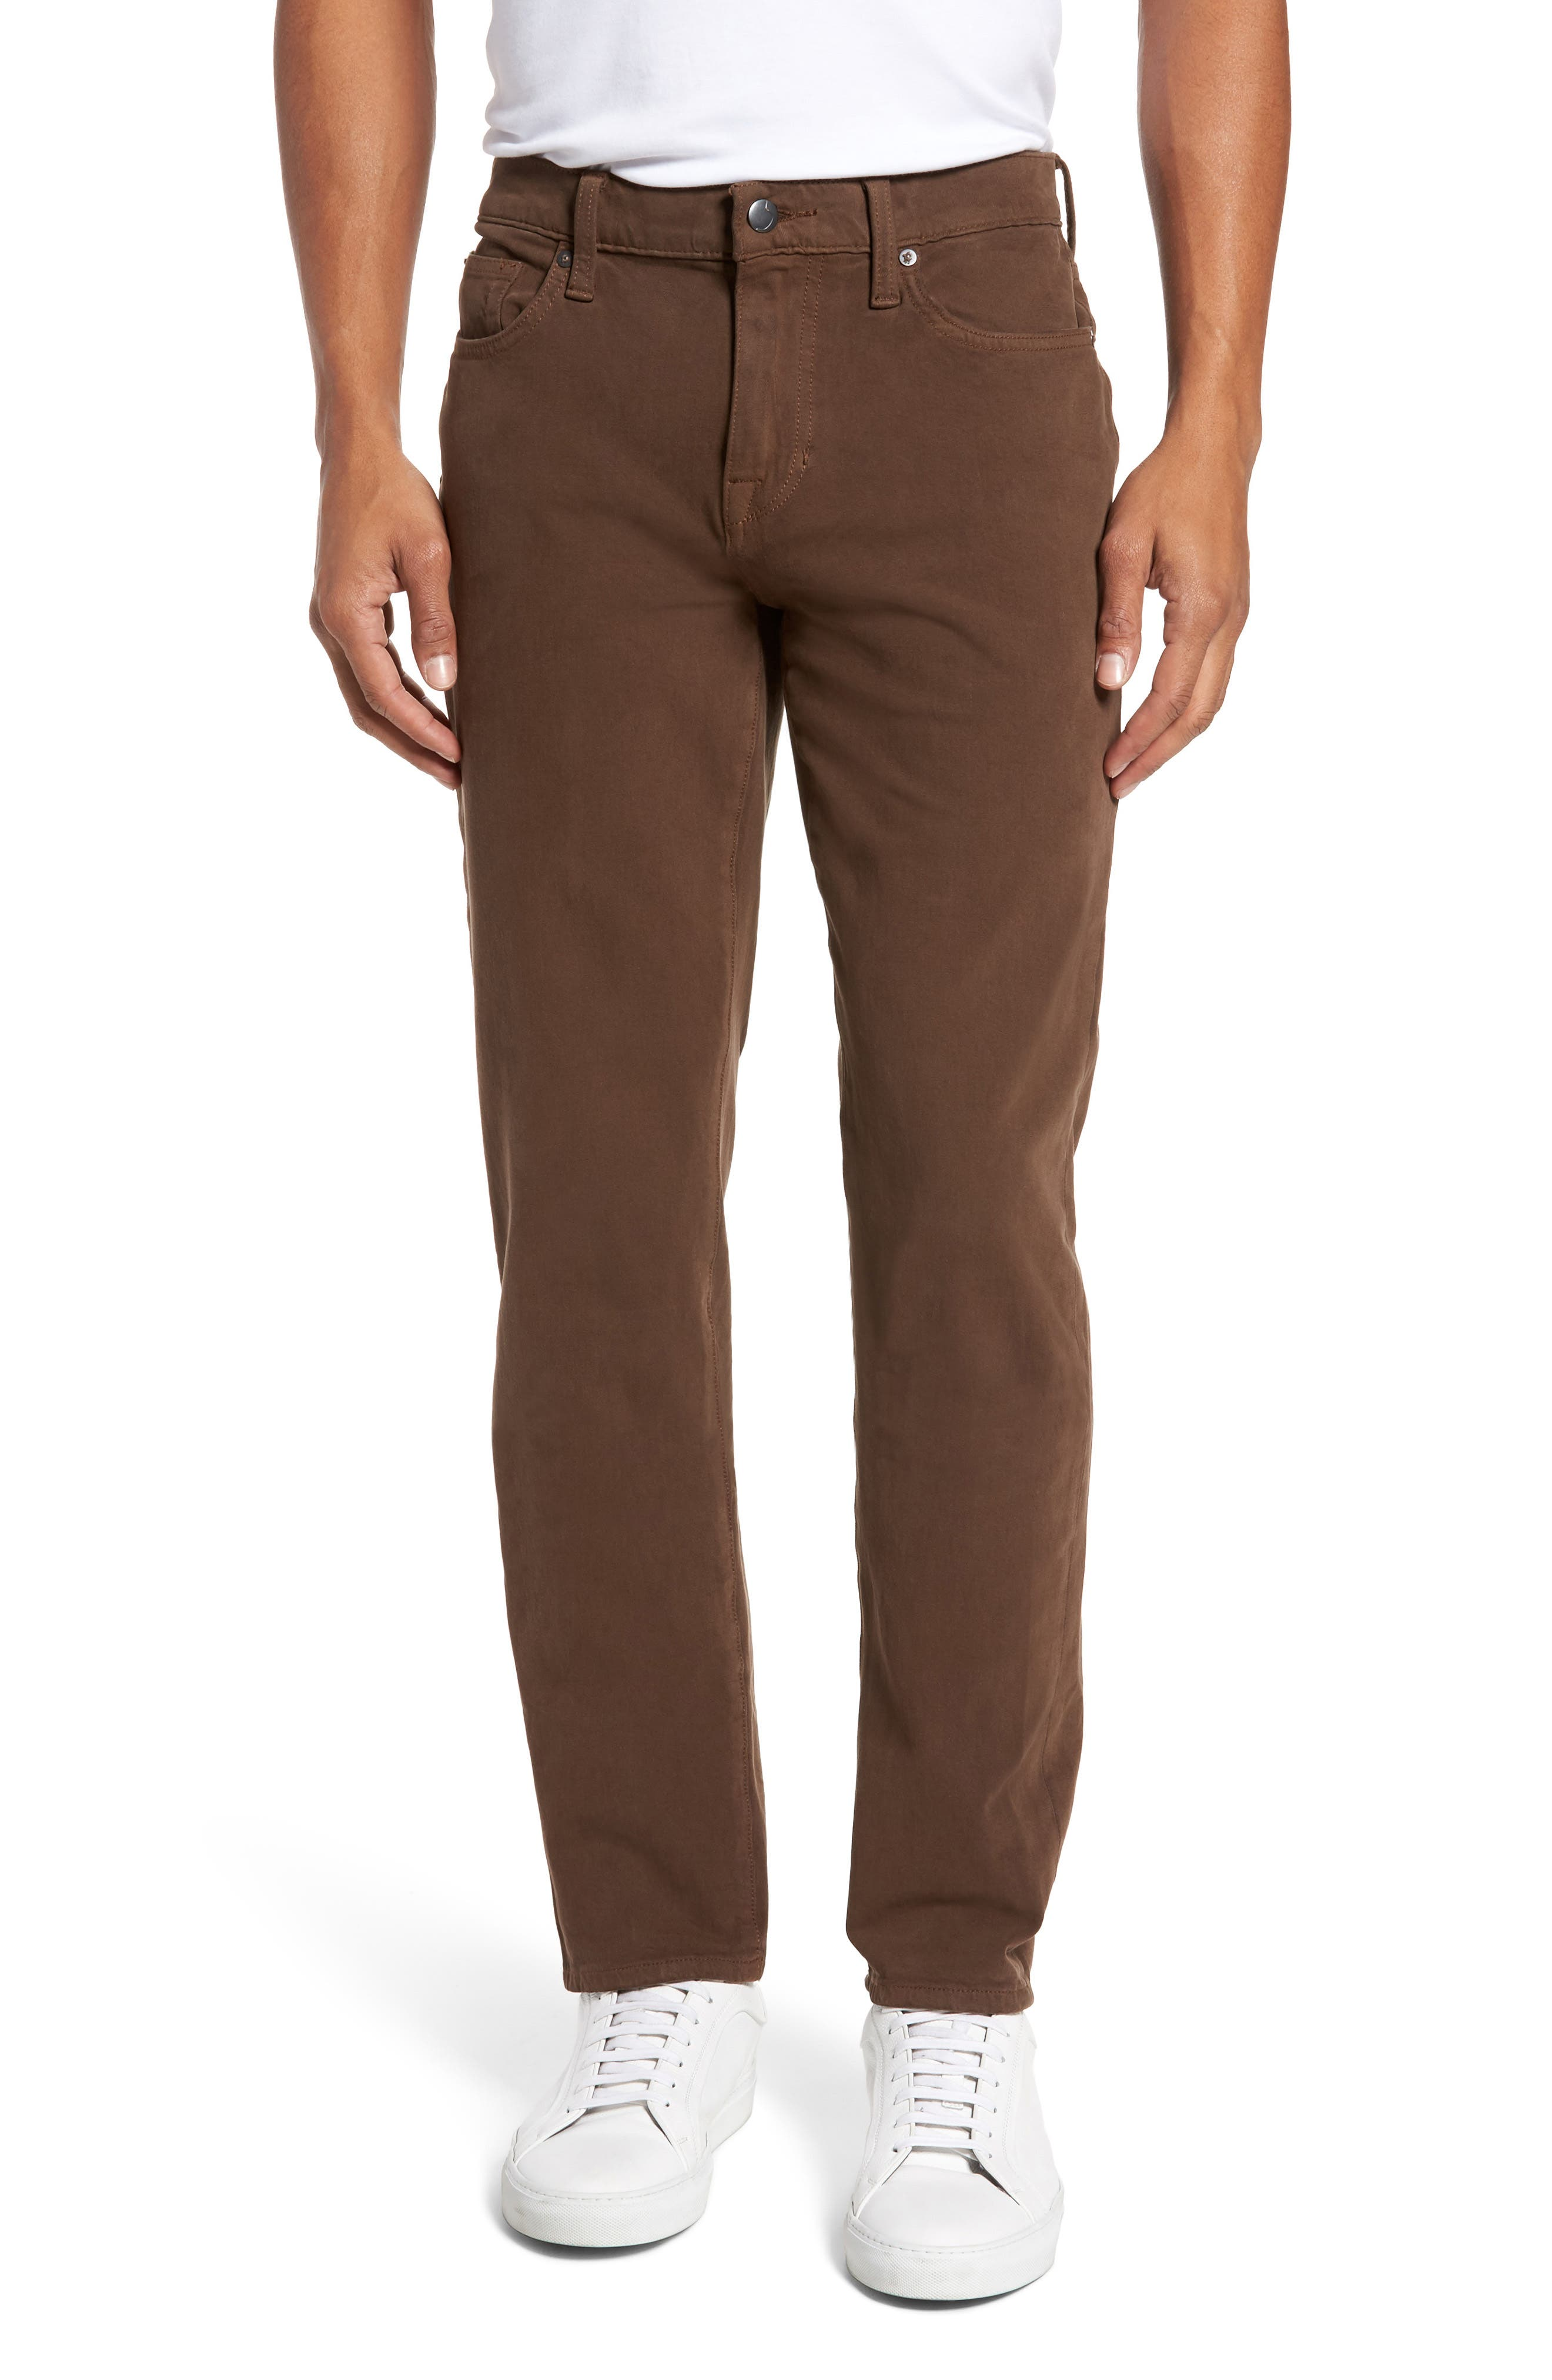 Brixton Slim Straight Fit Jeans,                         Main,                         color, Dark Walnut